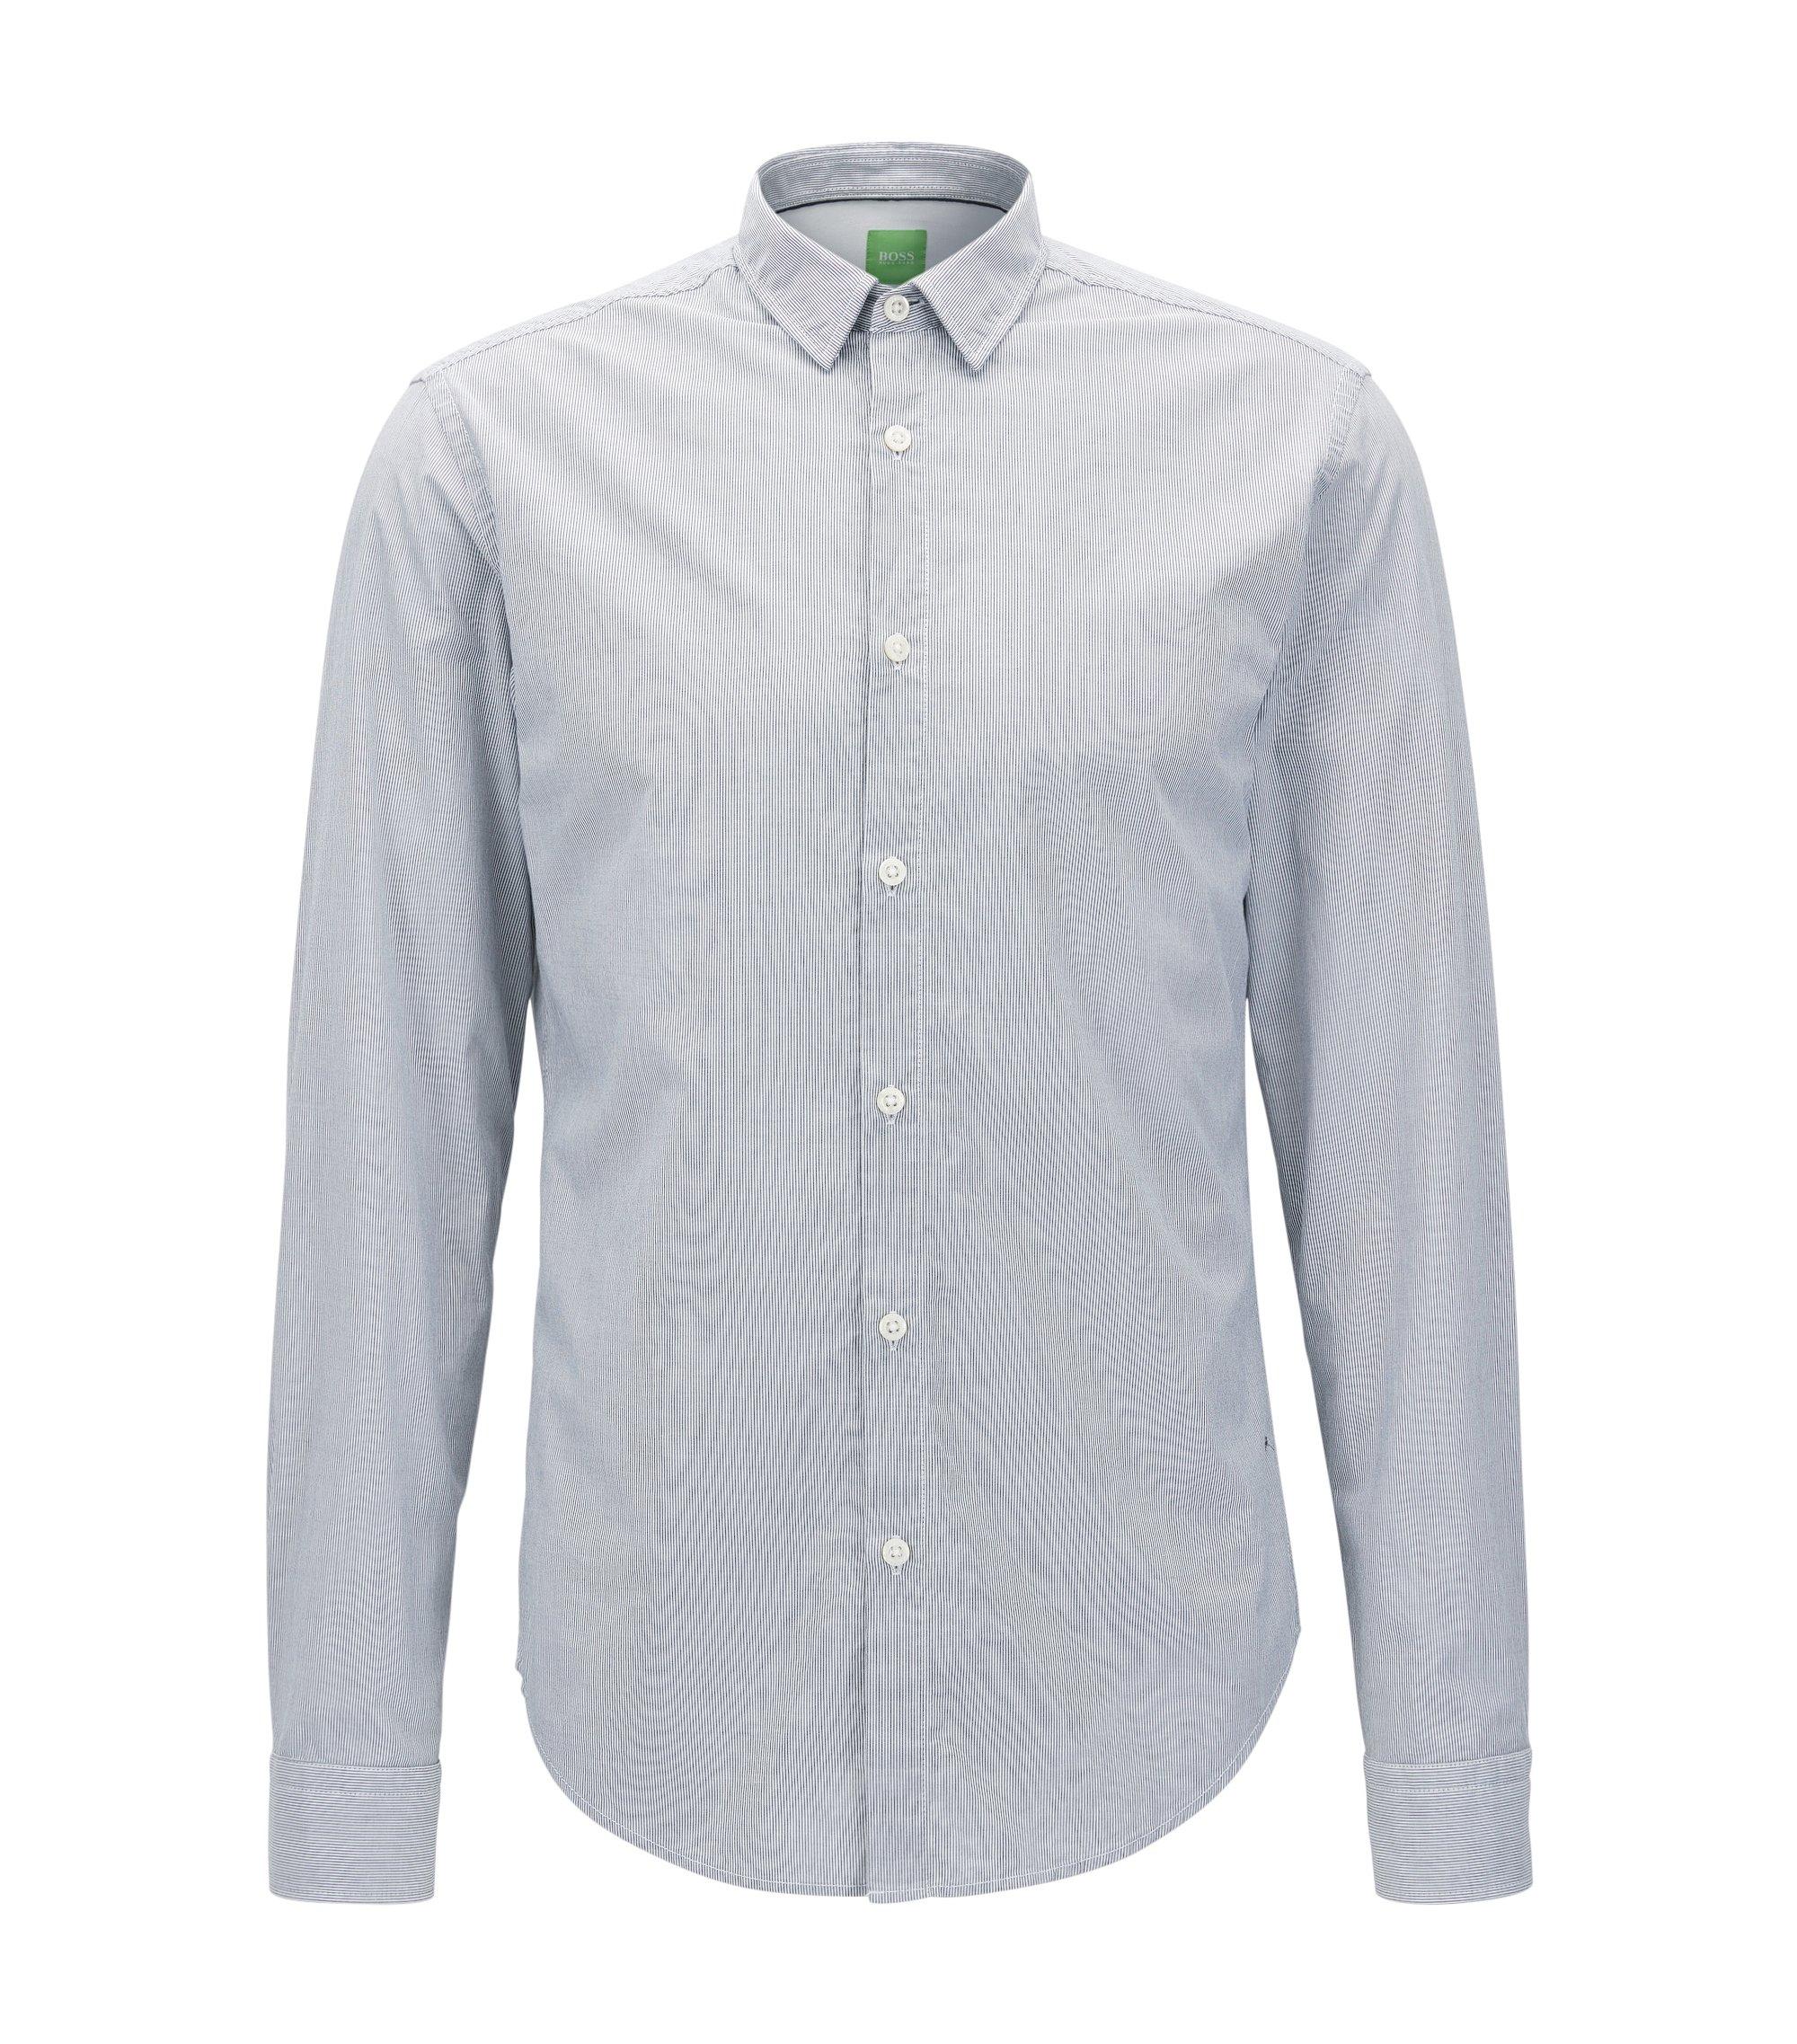 Chemise en coton Regular Fit à fines rayures au toucher peau de pêche, Bleu vif